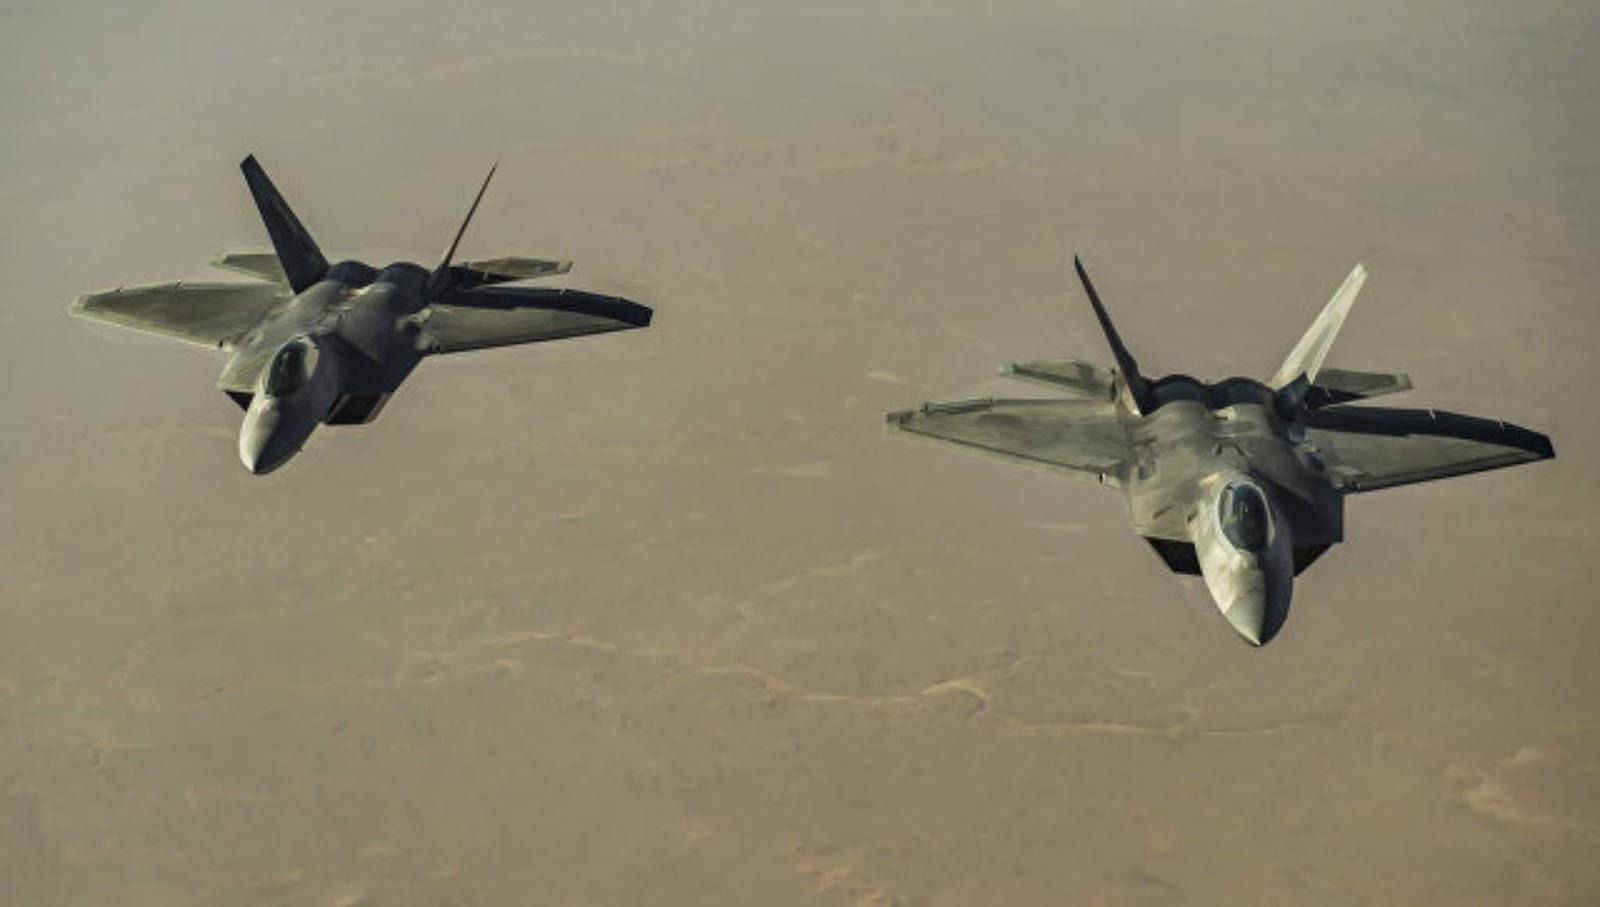 Raptor dan Viper bisa di gunakan sebagai Tanggapan terhadap S-300 di Suriah